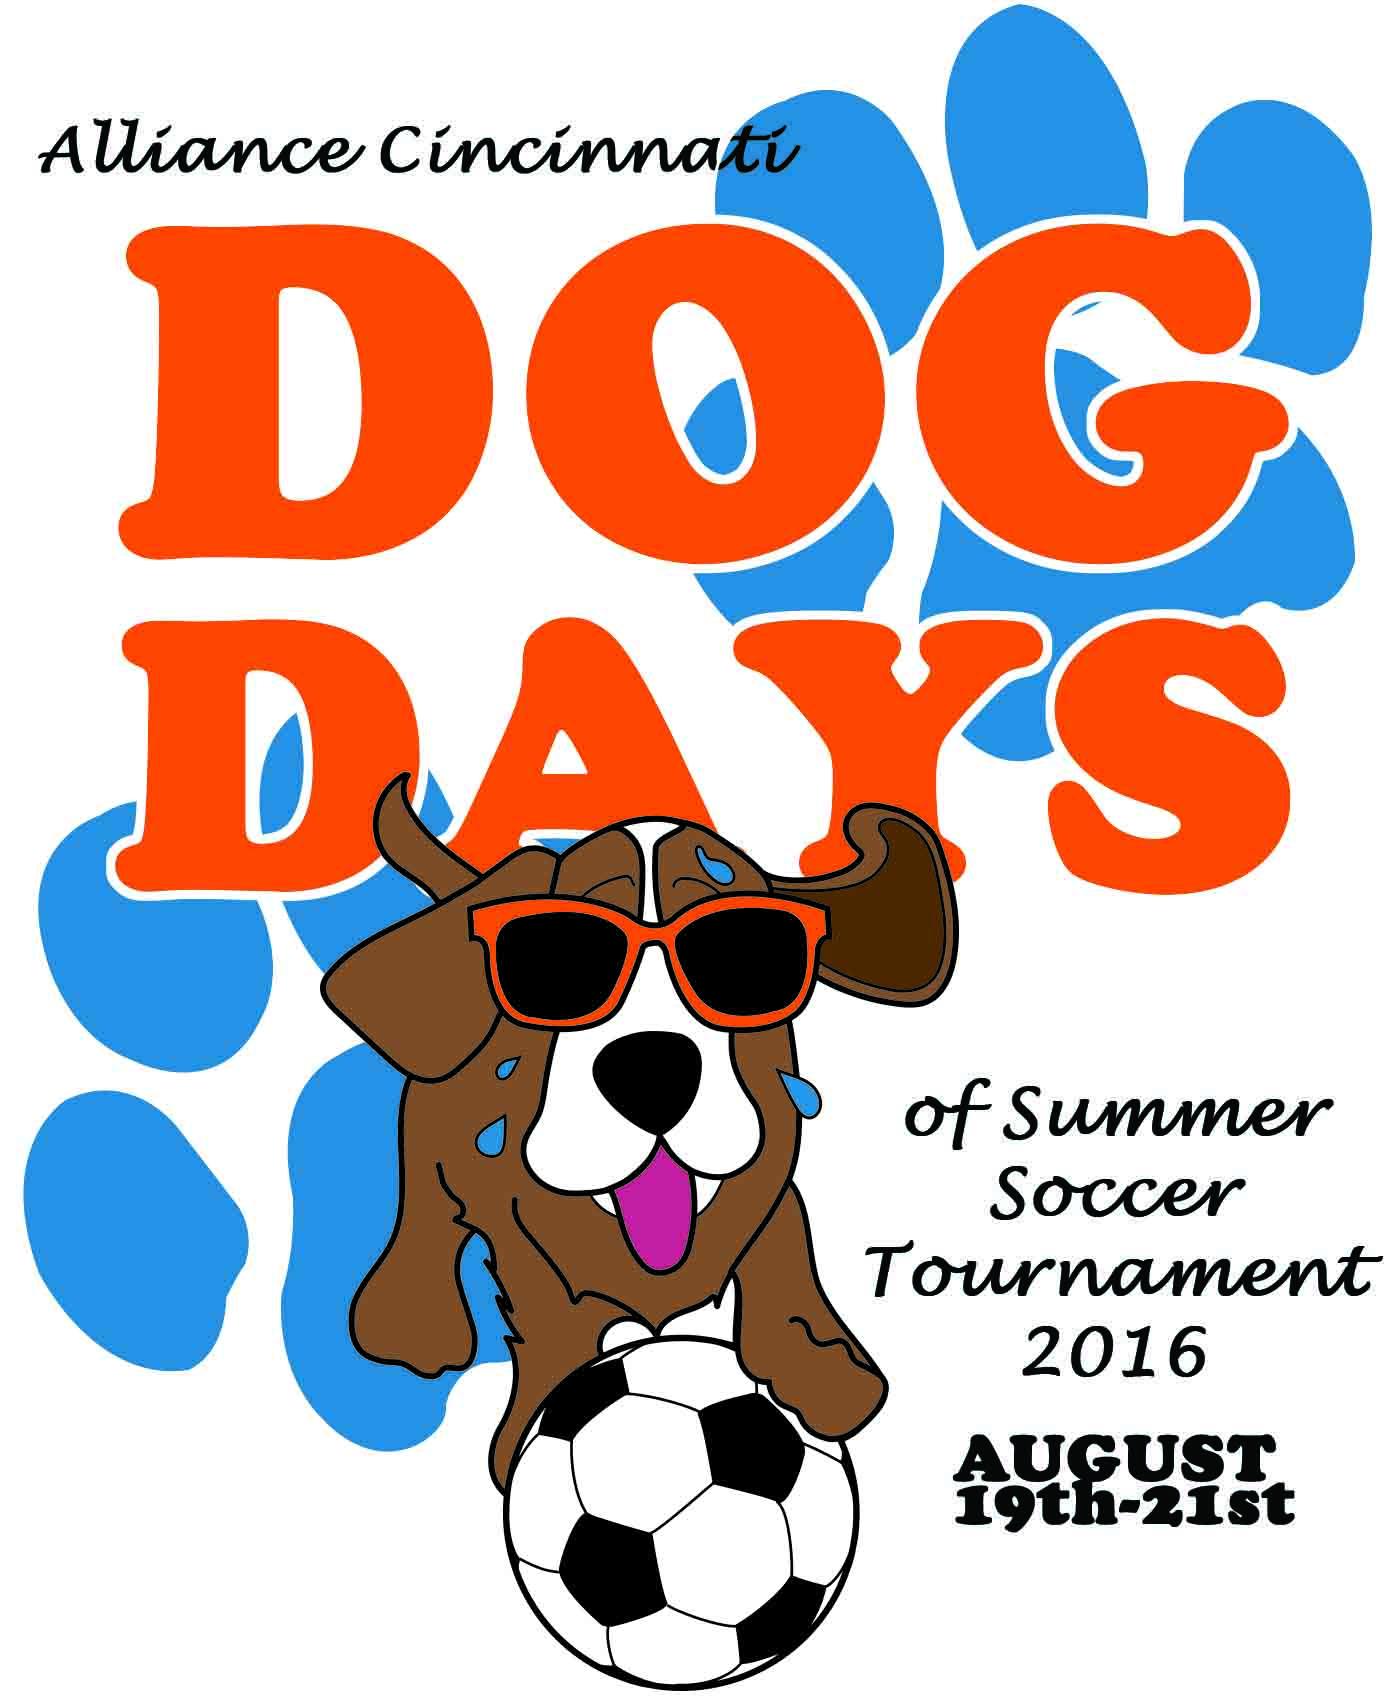 Alliance Cincinnati Dog Days Of Summer